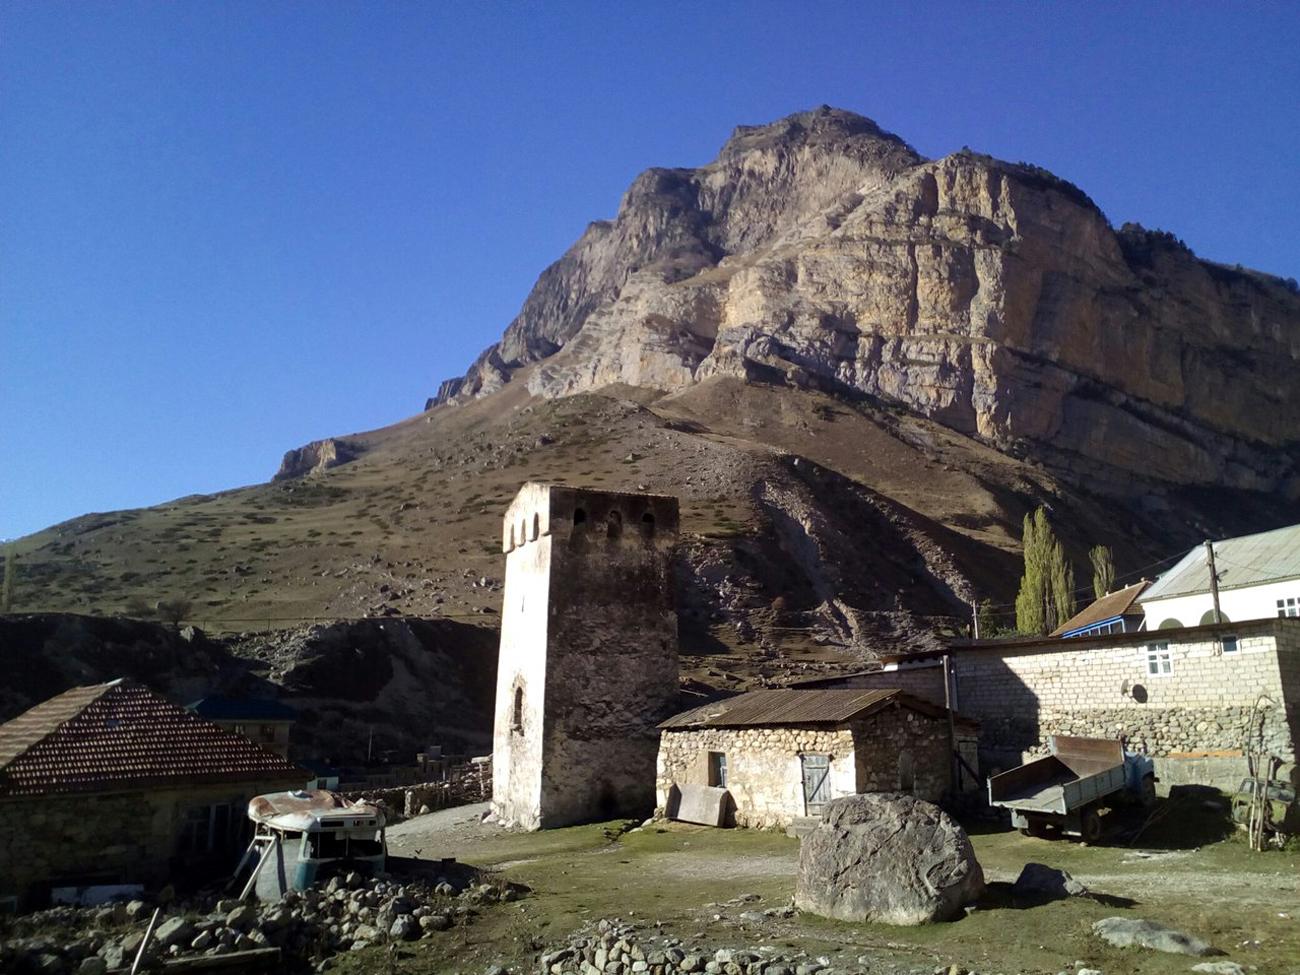 Das Dorf Eltjubu. Bild aus dem persönlichen Archiv.